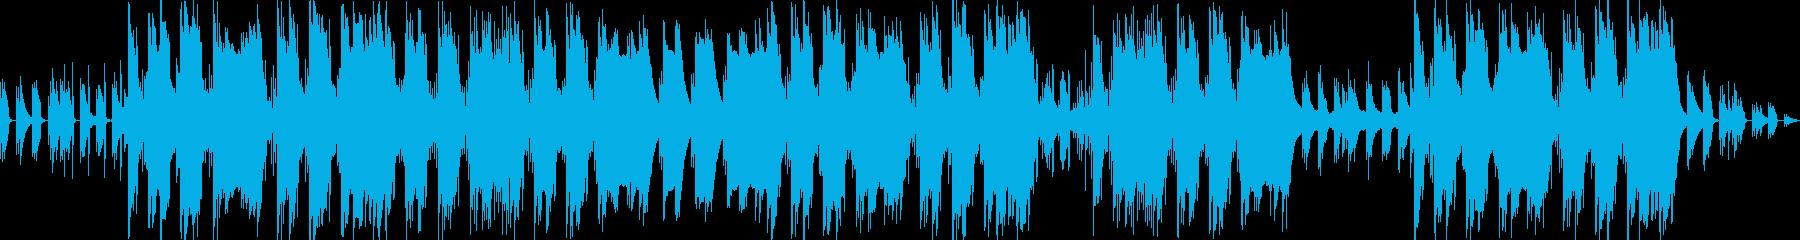 軽快なギターのアルペジオのトラップの再生済みの波形